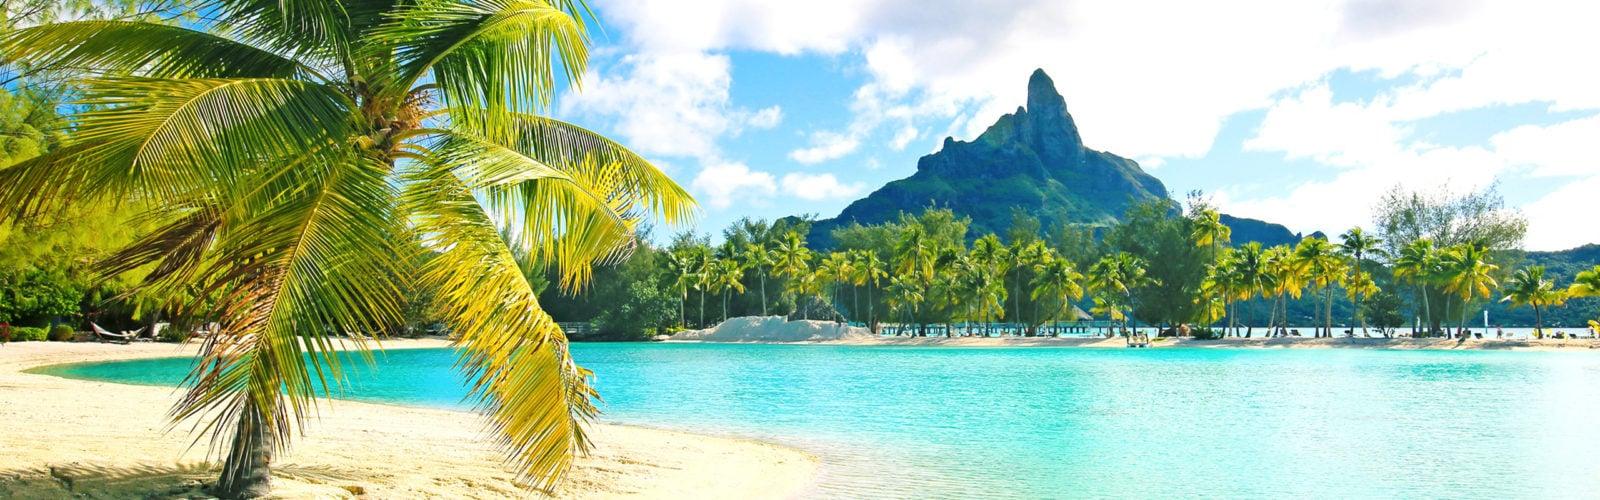 bora-bora-beach-french-polynesia